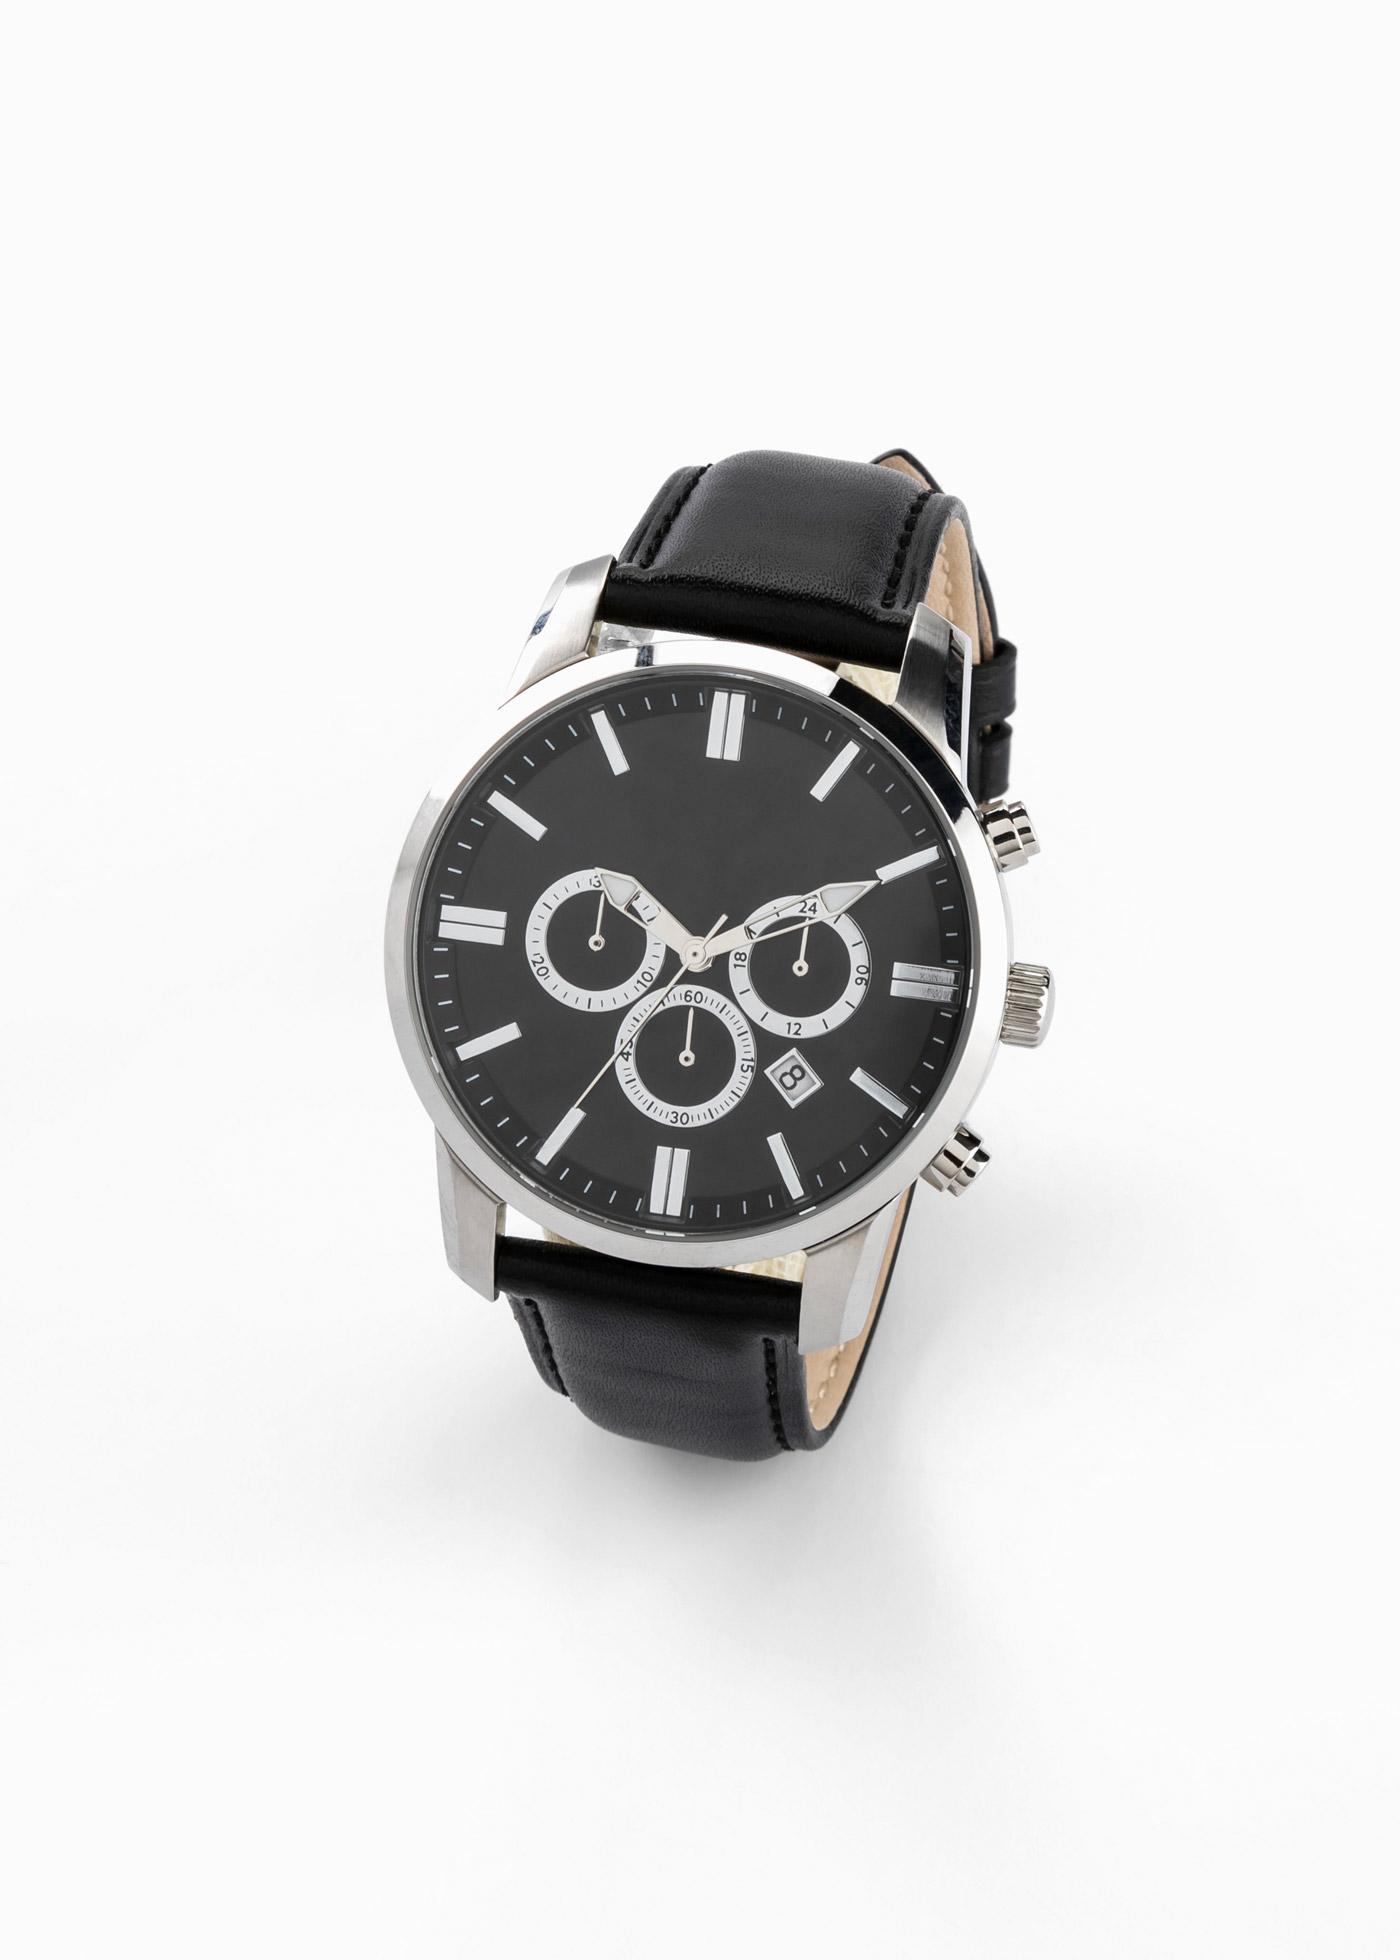 Cronografo con cinturino in pelle (Nero) - bpc bonprix collection